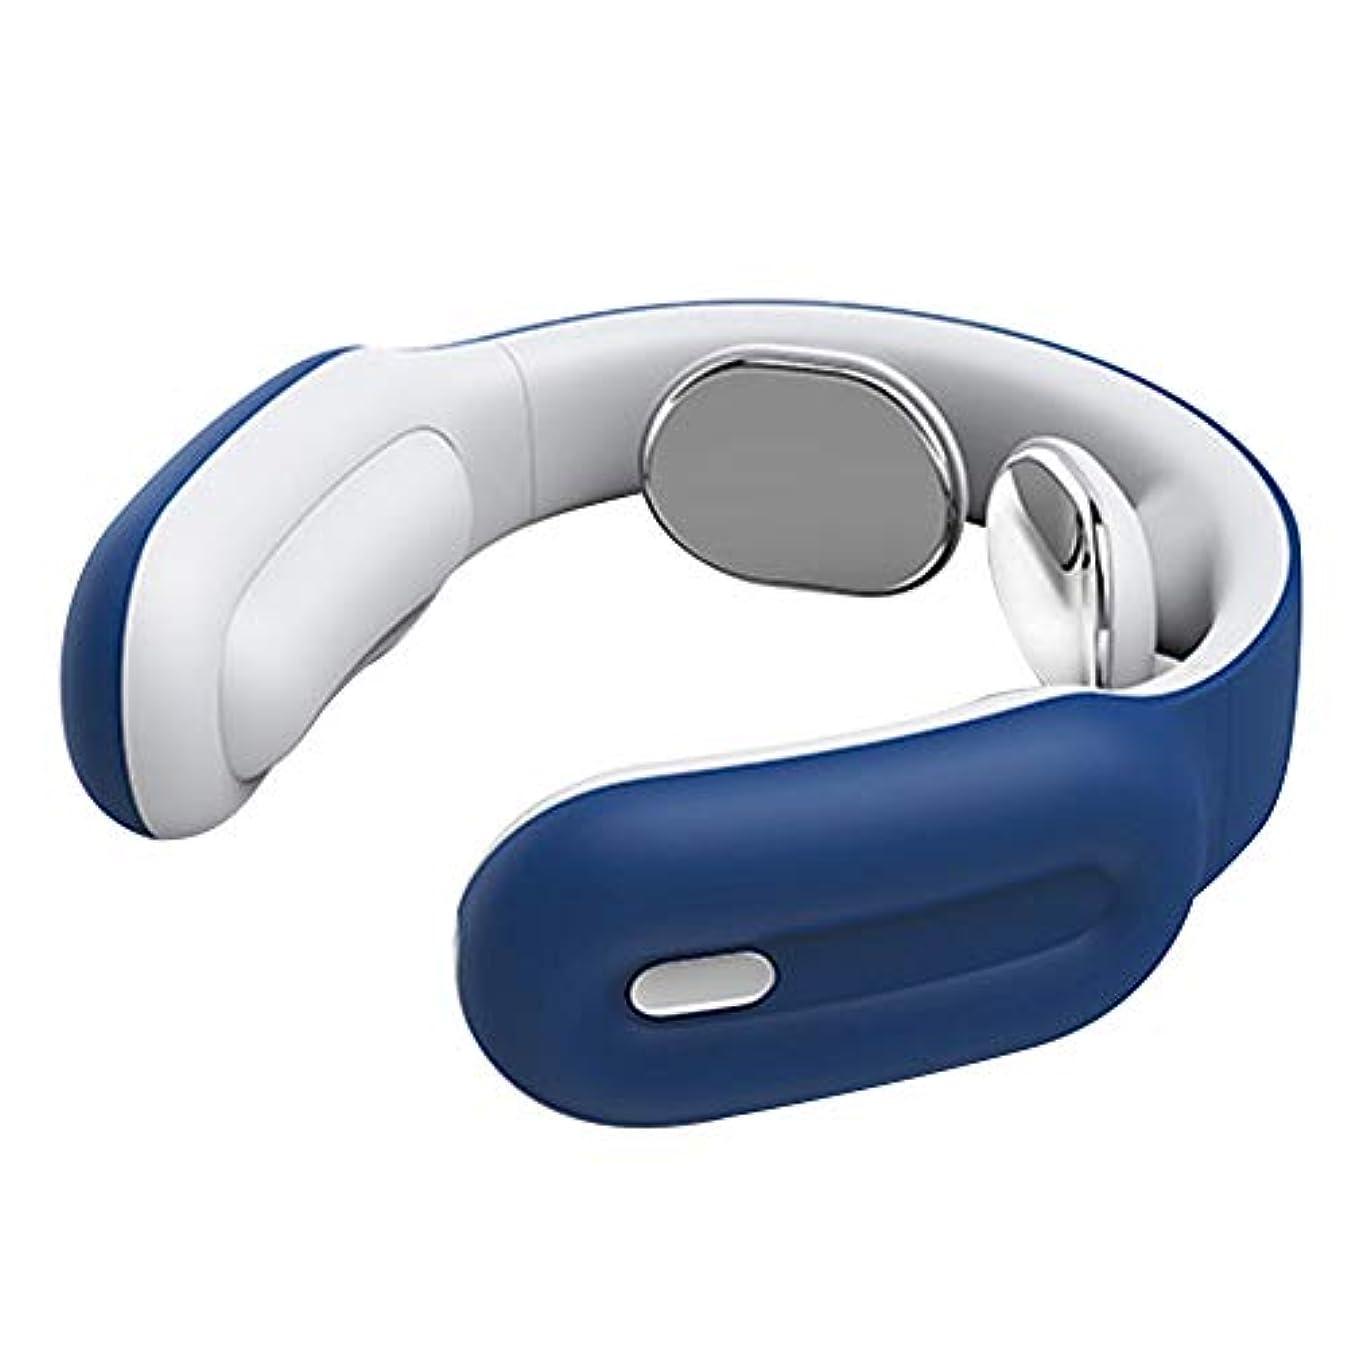 絡まるショルダーティームパルス信号付きネックマッサージャー、3つの強度モード、背中、肩、首の痛みの軽減のための形状の子宮頸部マッサージリモートコントロール